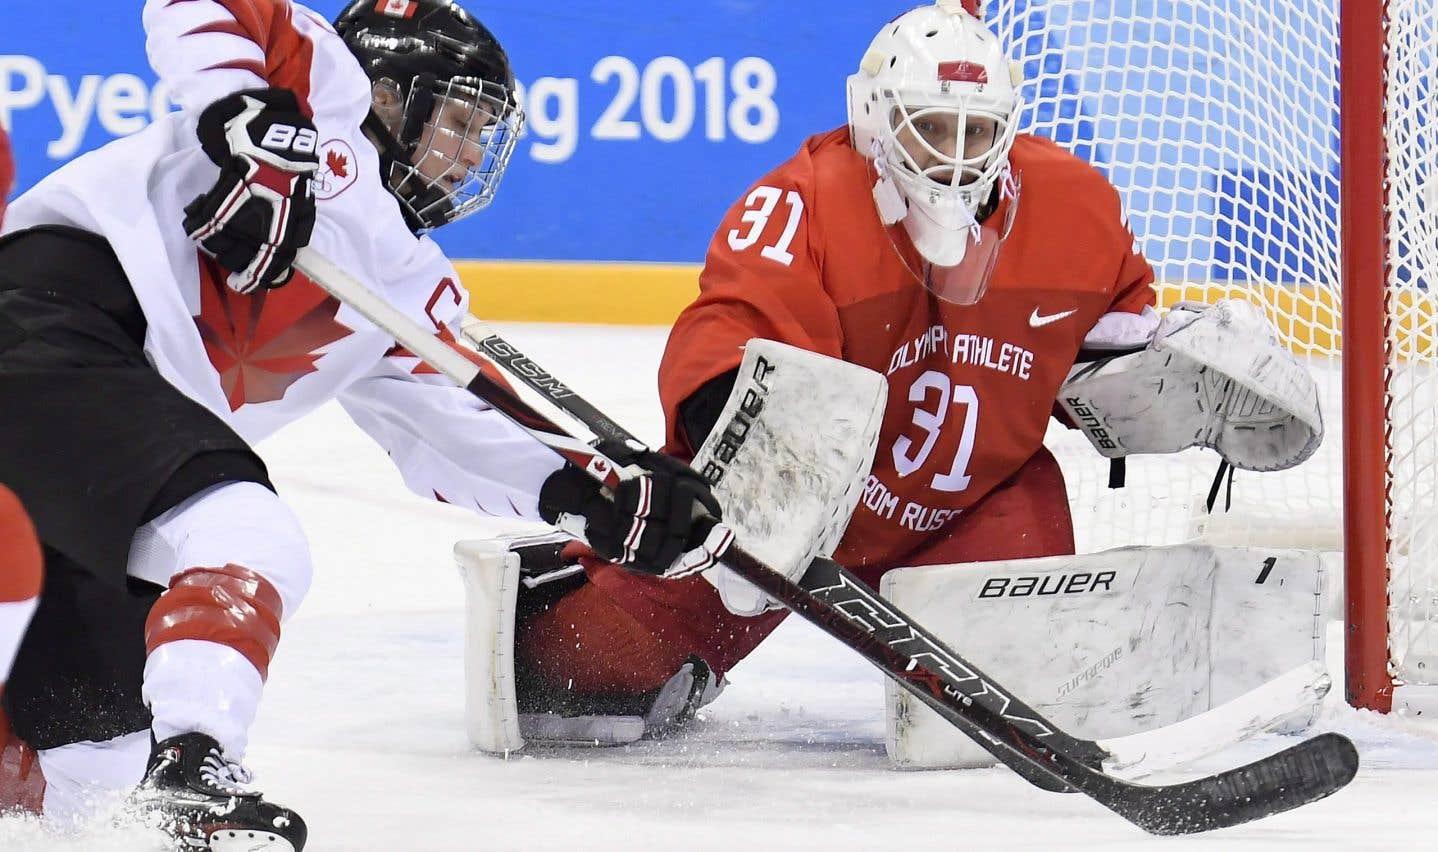 La capitaine de l'équipe canadienne, Marie-Philip Poulin, s'est butée à la gardienne Nadezhda Aleksandrova lundi en troisième période de la demi-finale contre les athlètes olympiques de Russie. La Québécoise avait marqué en deuxième période pour donner une avance de 2-0 au Canada.